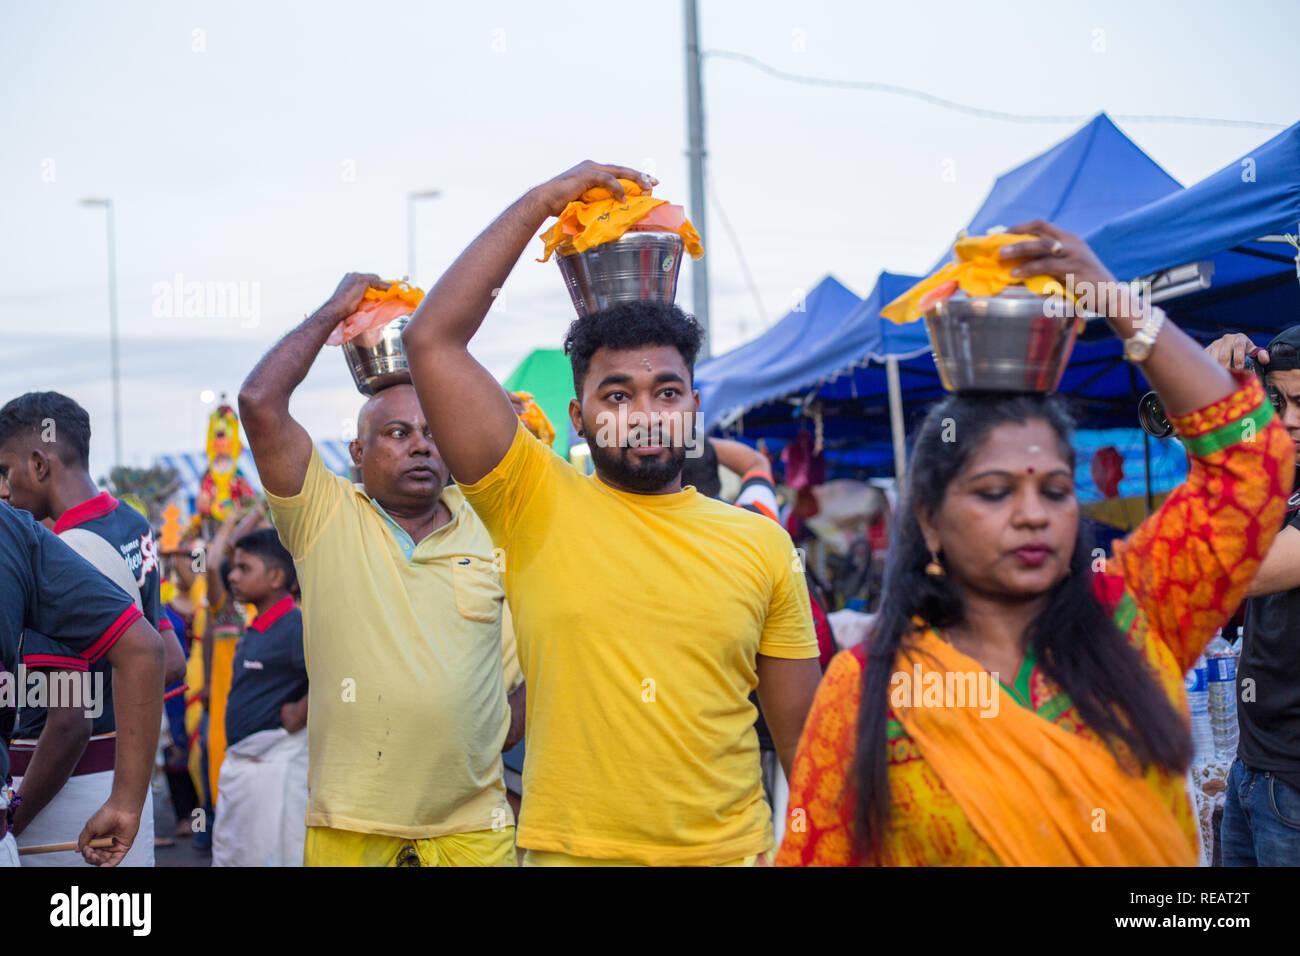 Hindu Calendar Stock Photos & Hindu Calendar Stock Images - Alamy